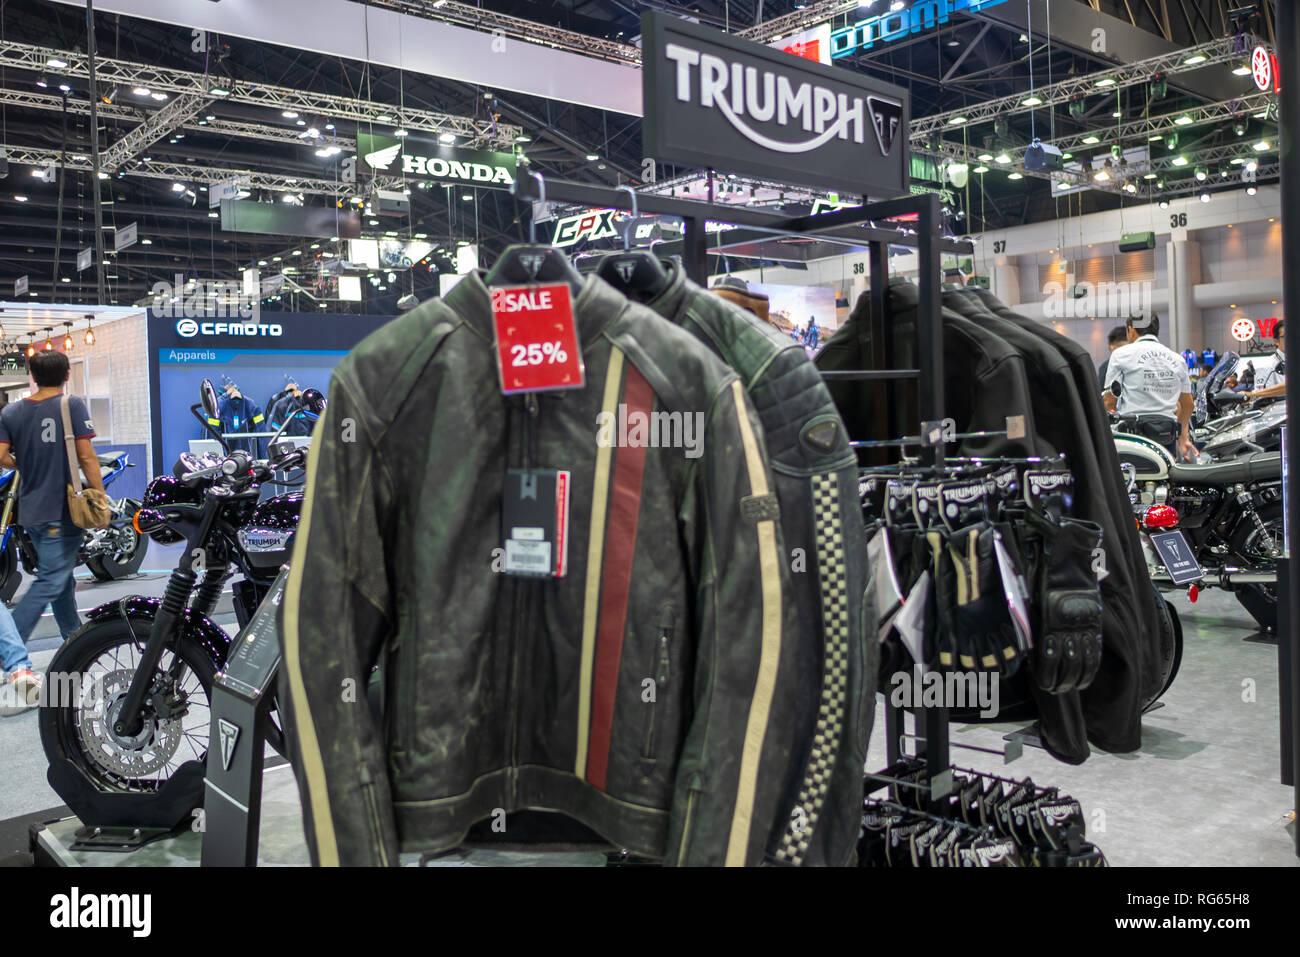 Bangkok, Thailand - November 30, 2018 :  TRIUMPH Motocycle and TRIUMPH Shop at Thailand International Motor Expo 2018 on Nov 30,2018 in Bangkok, Thail - Stock Image